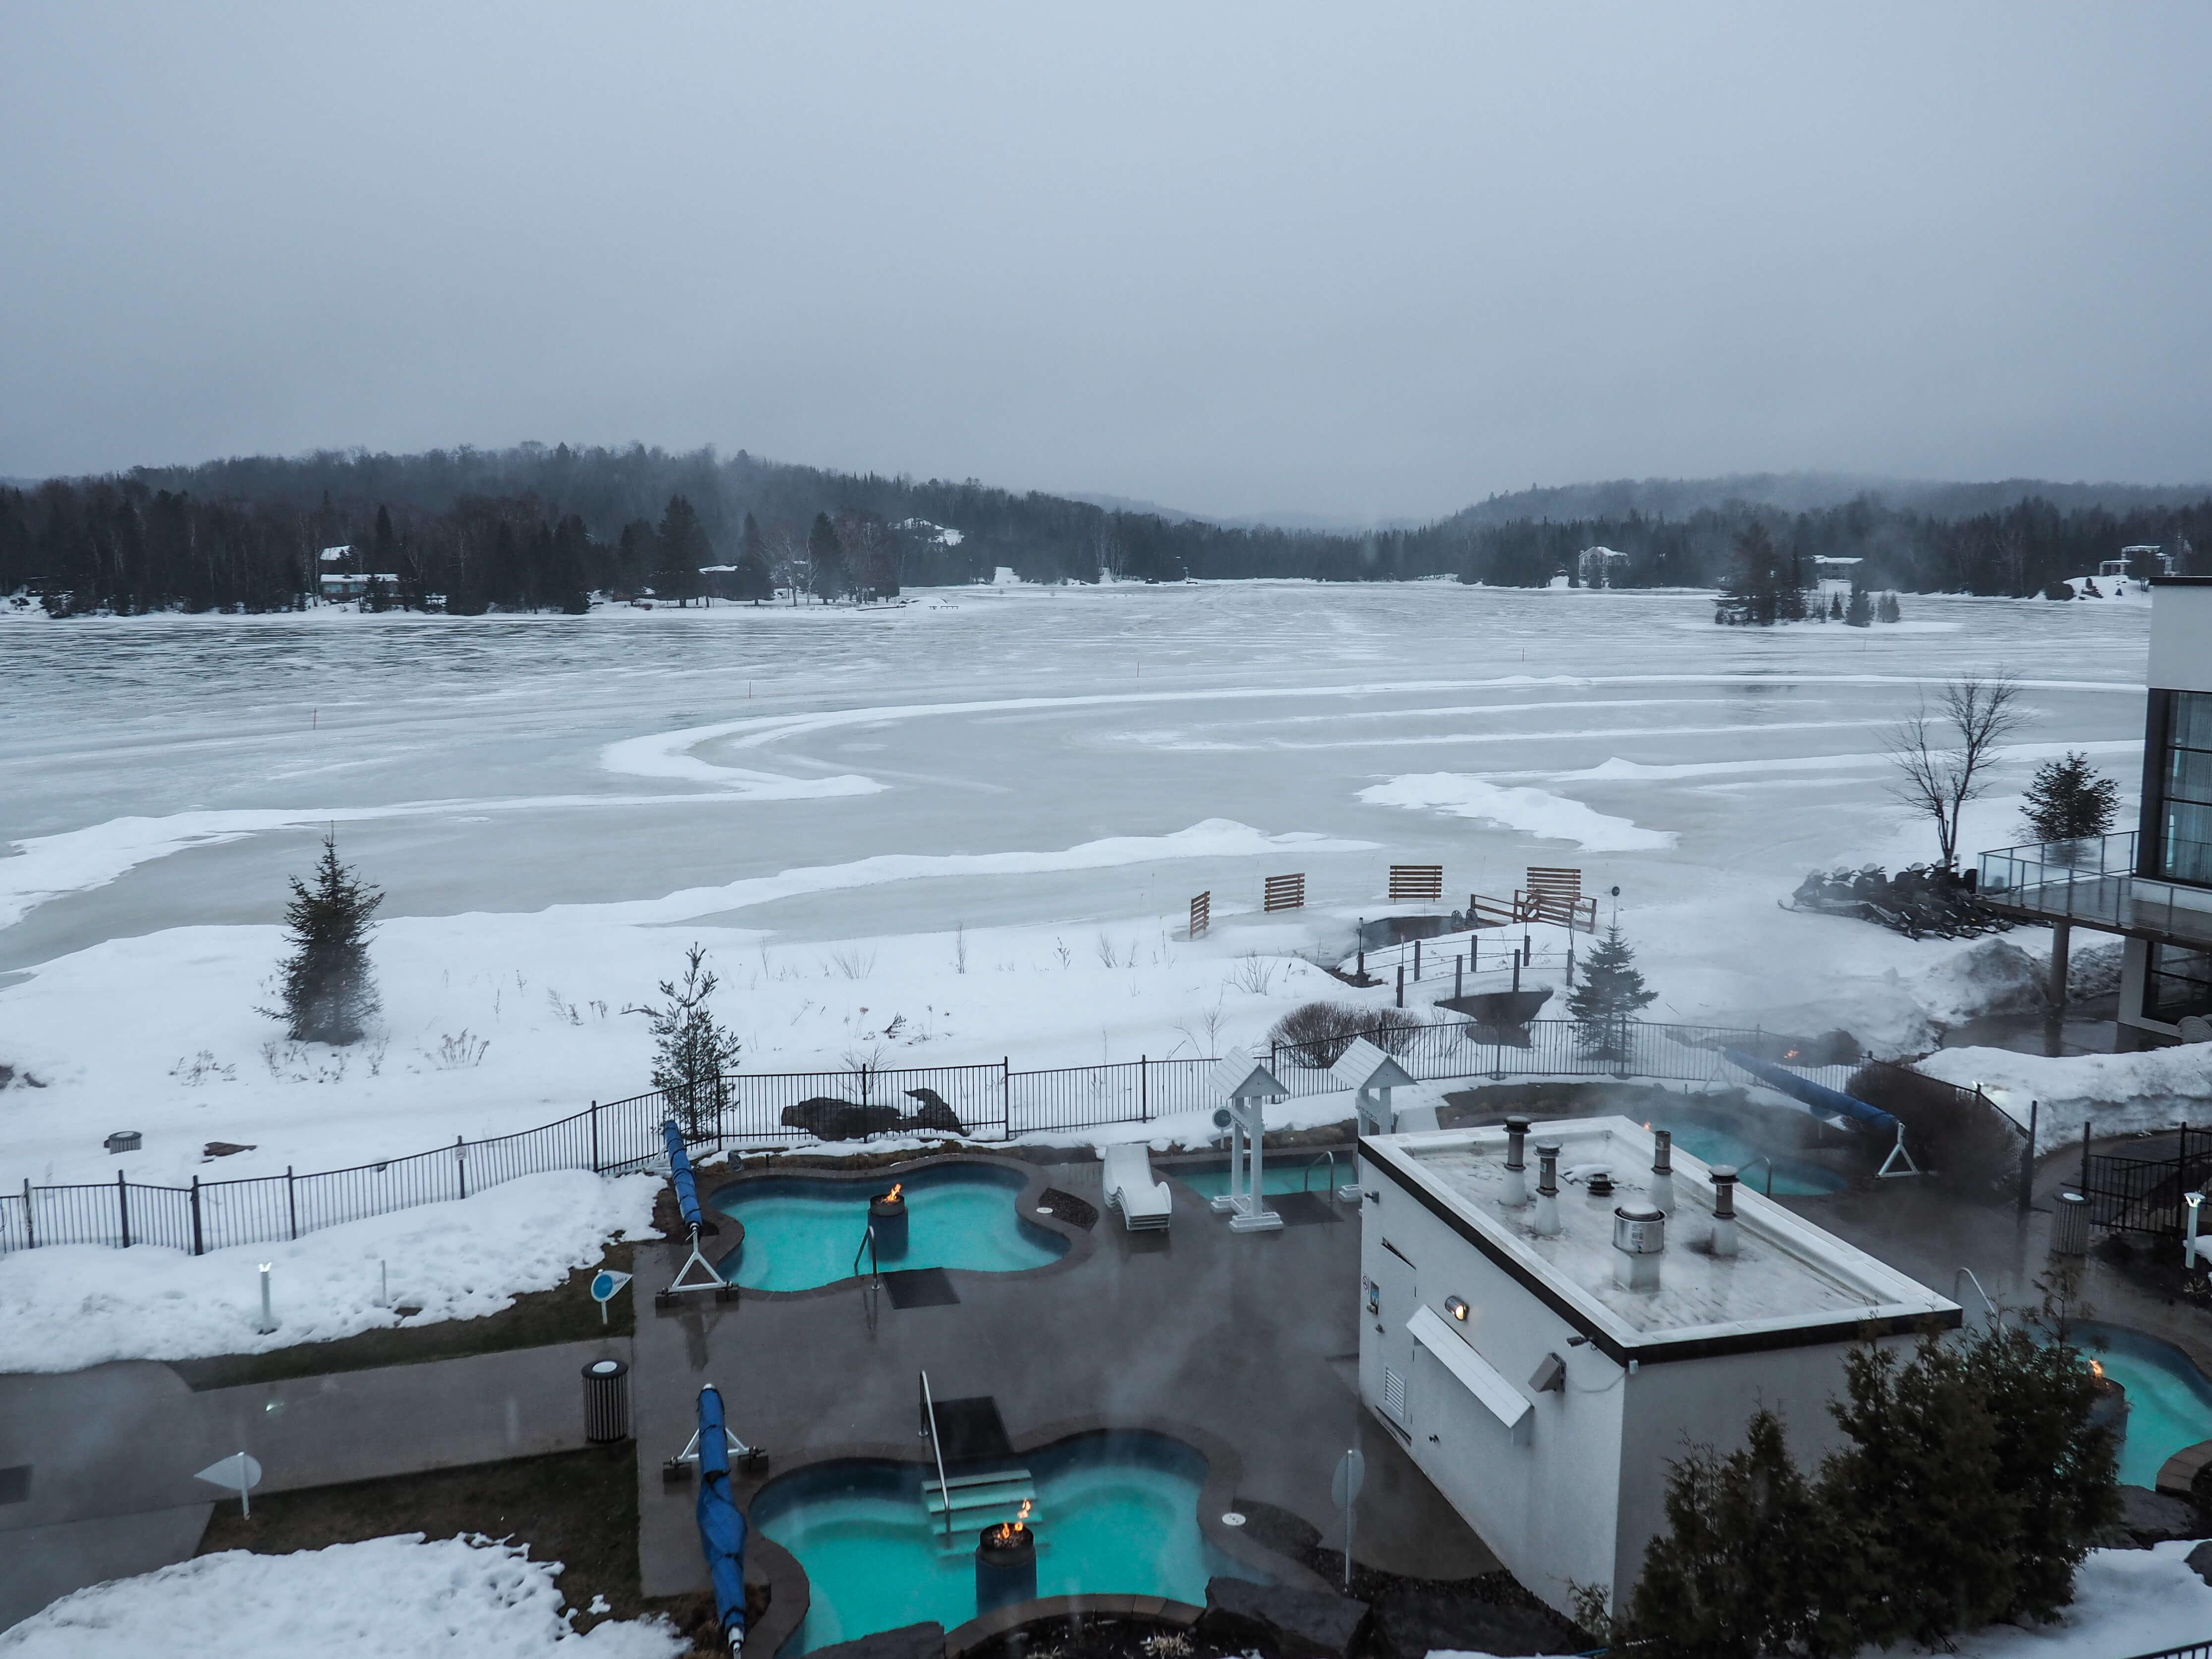 The Esterel Resort Quebec